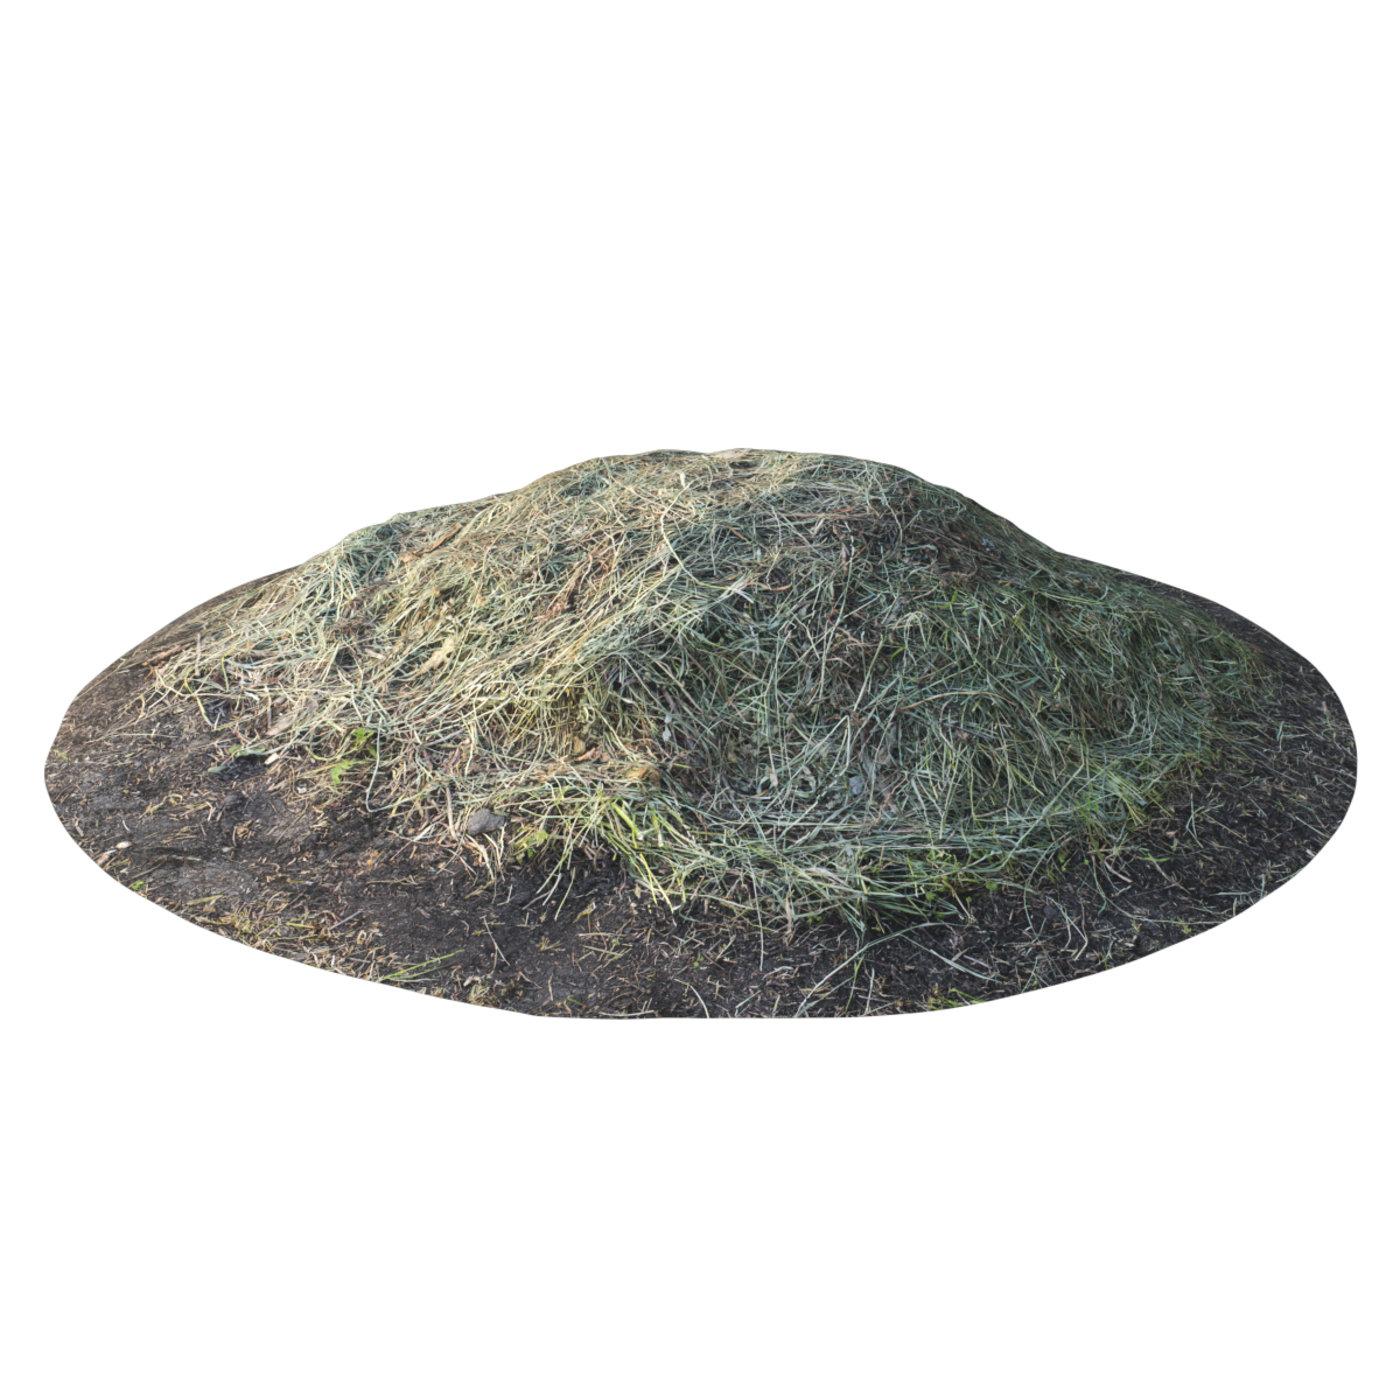 Photogrammetry of Grass